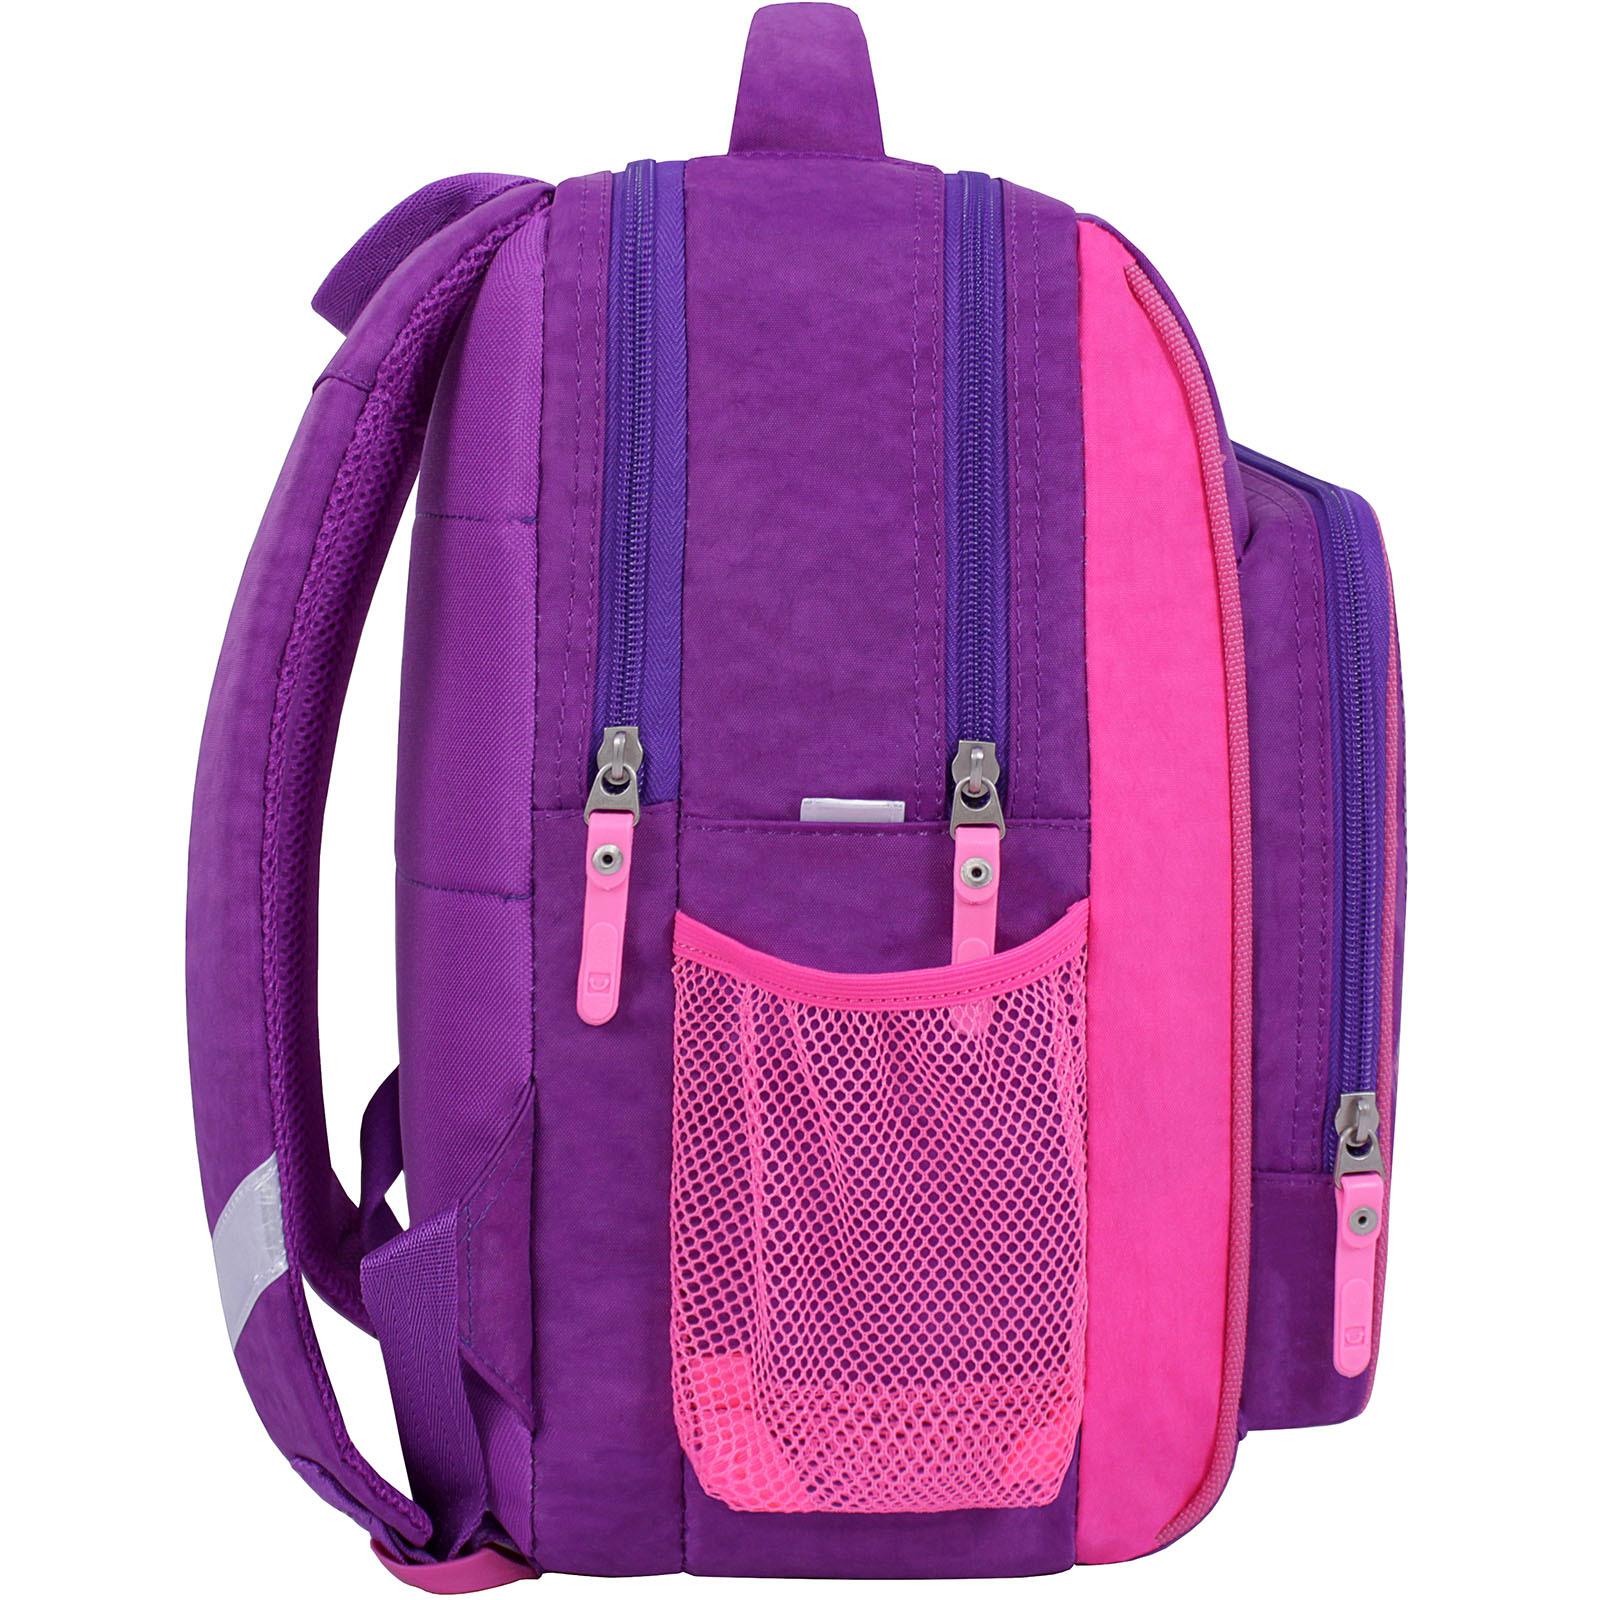 Рюкзак школьный Bagland Школьник 8 л. Фиолетовый 596 (00112702) фото 2